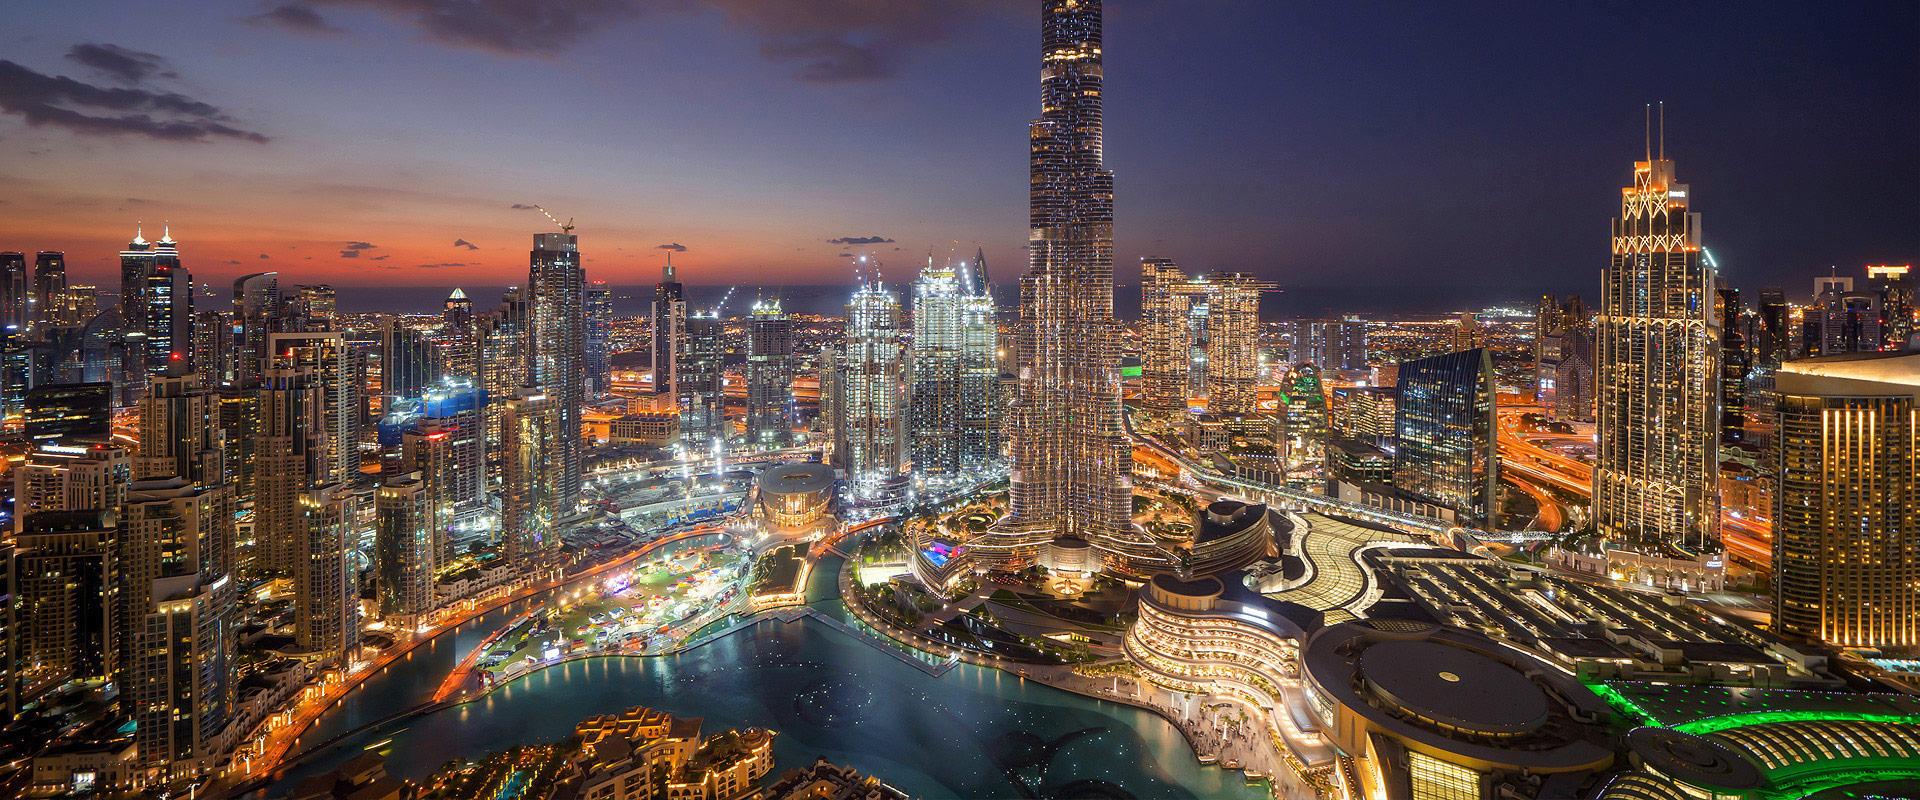 Visado Dubai Online - Contacto